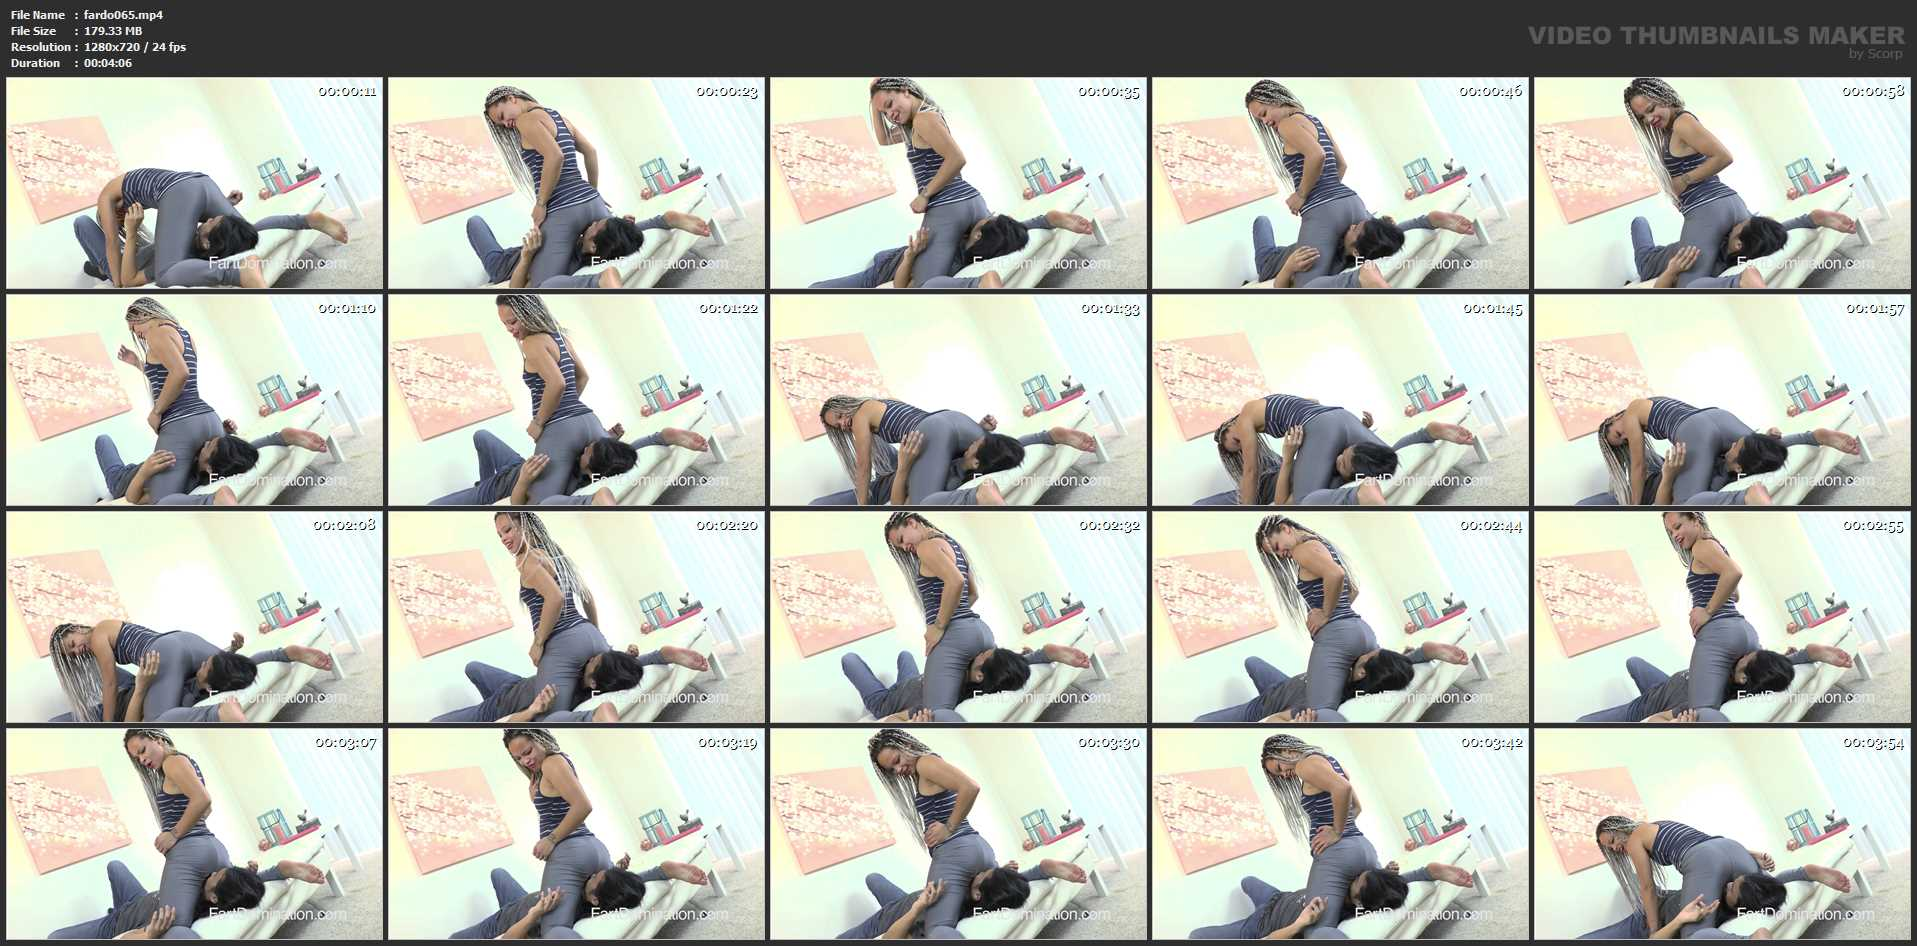 [FARTDOM] Ashley Luvbug 31 [HD][720p][MP4]